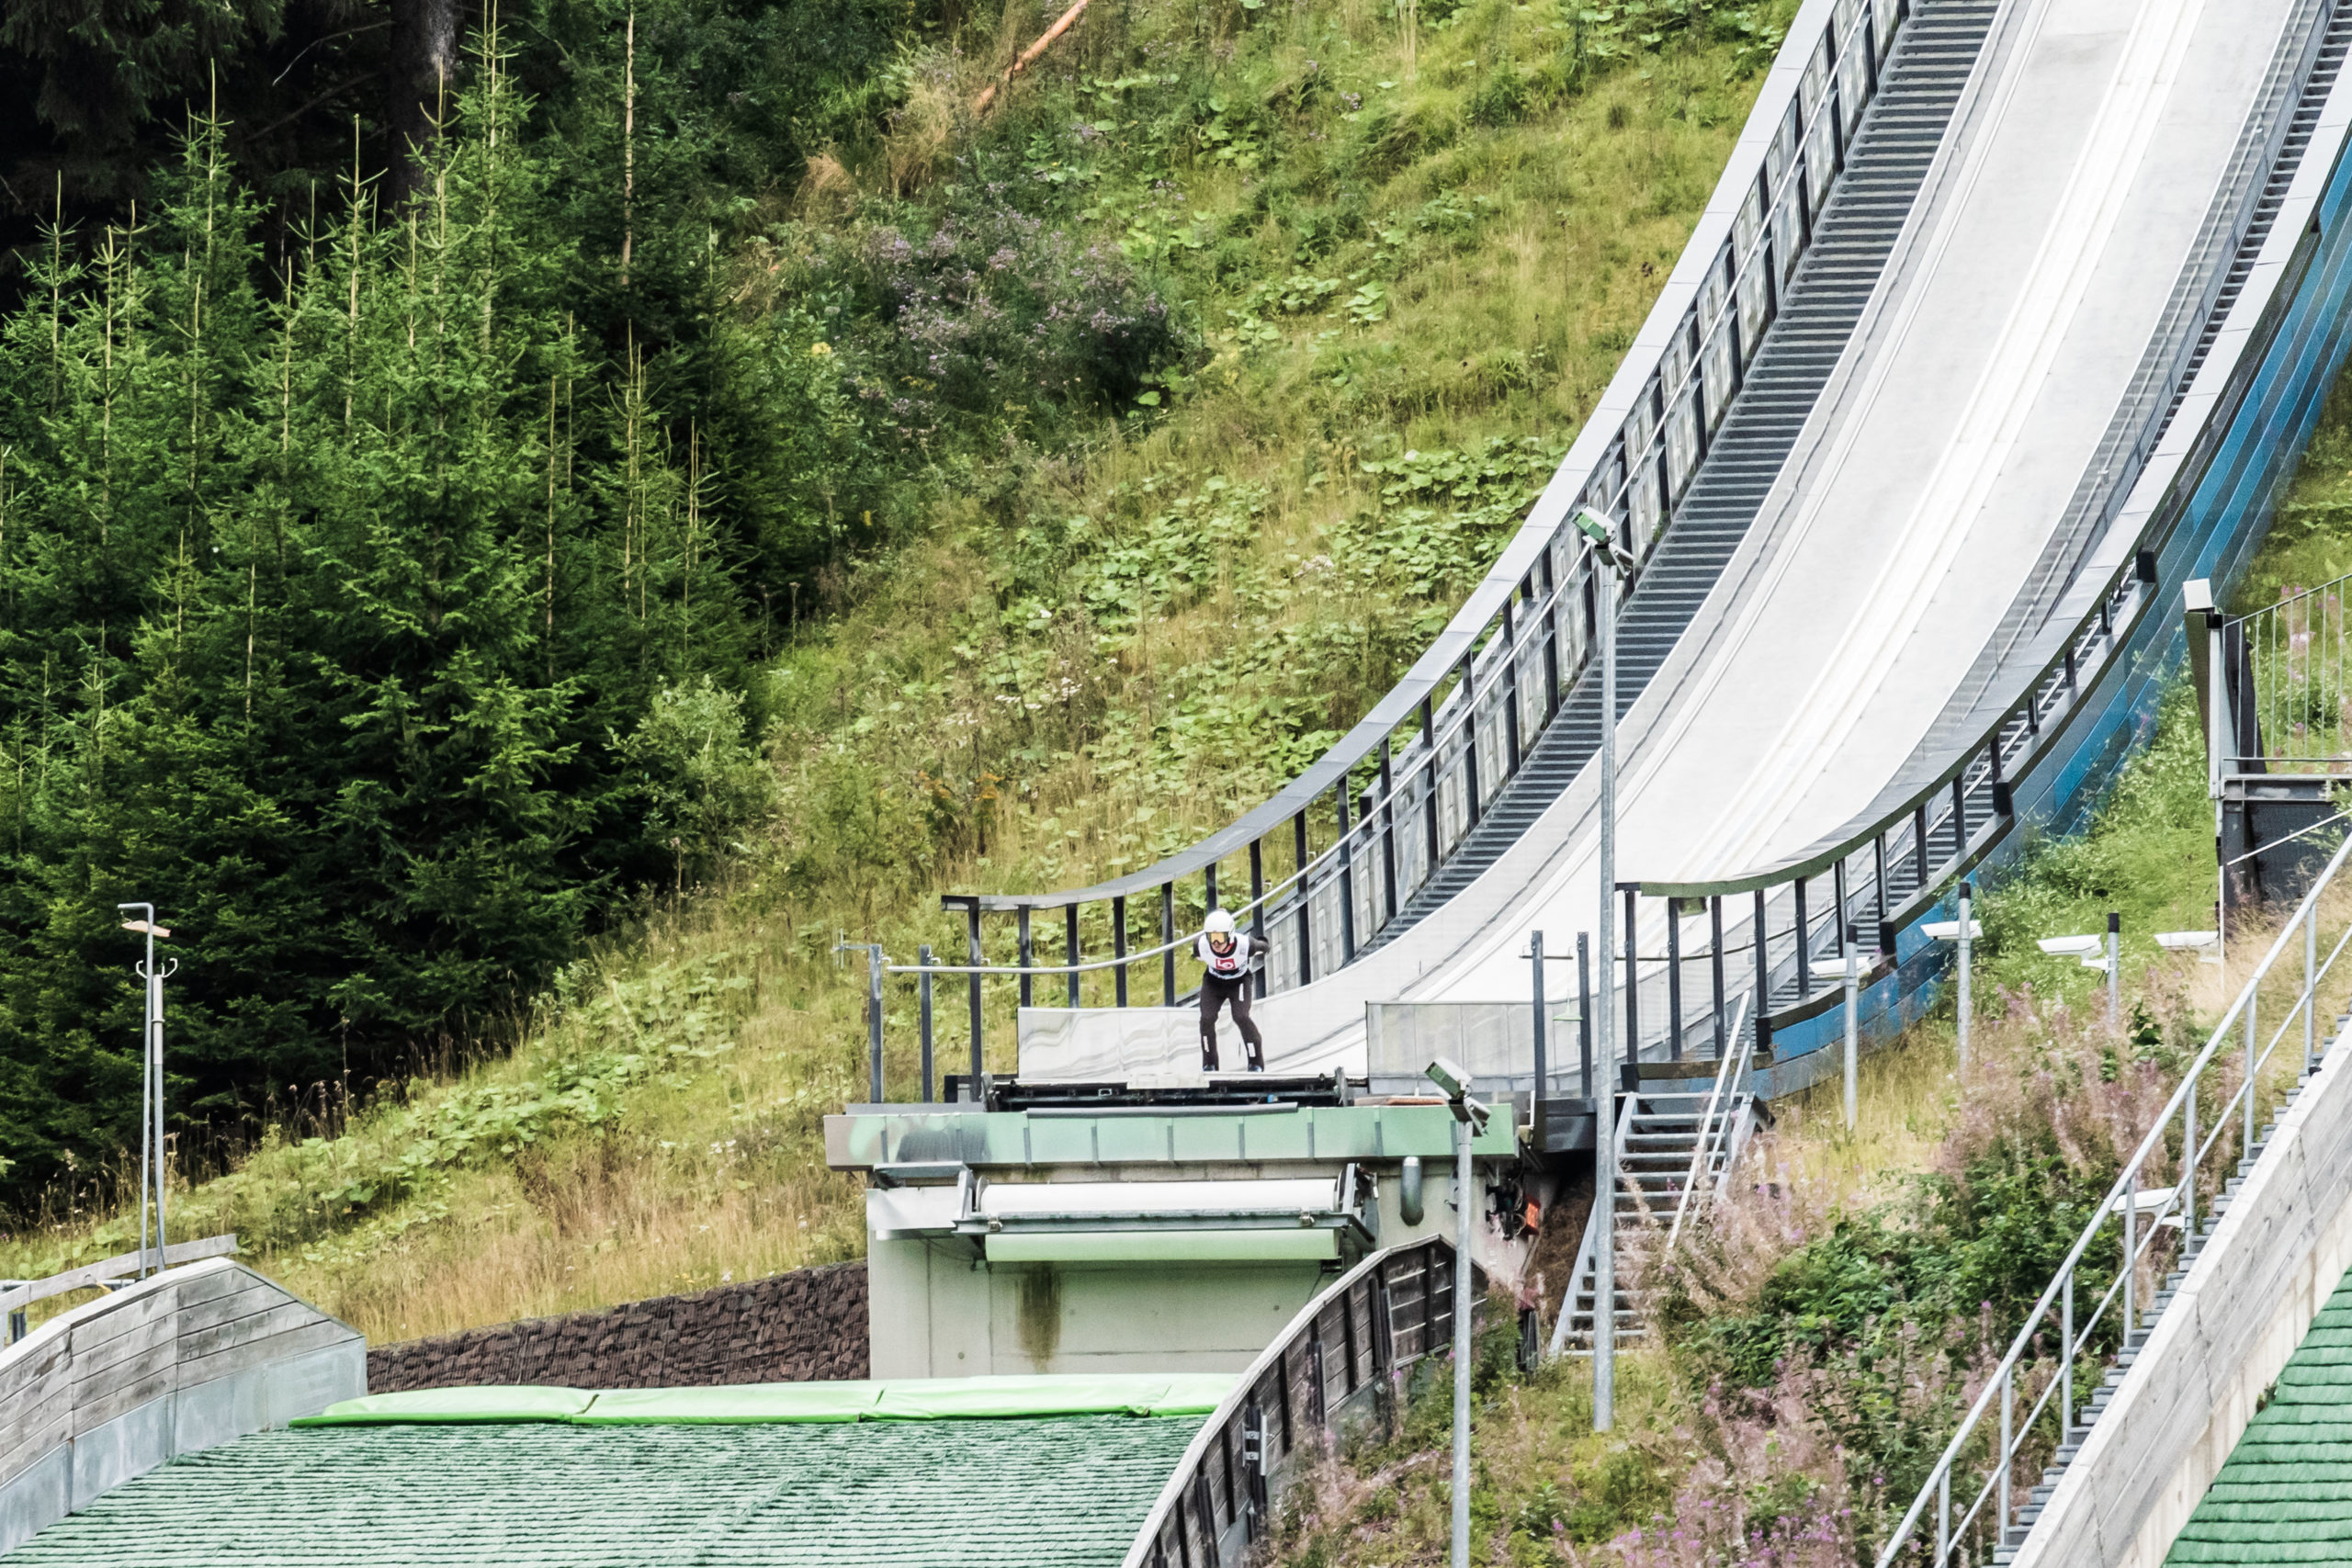 Schanzenanlage Kanzlersgrund bei Oberhof